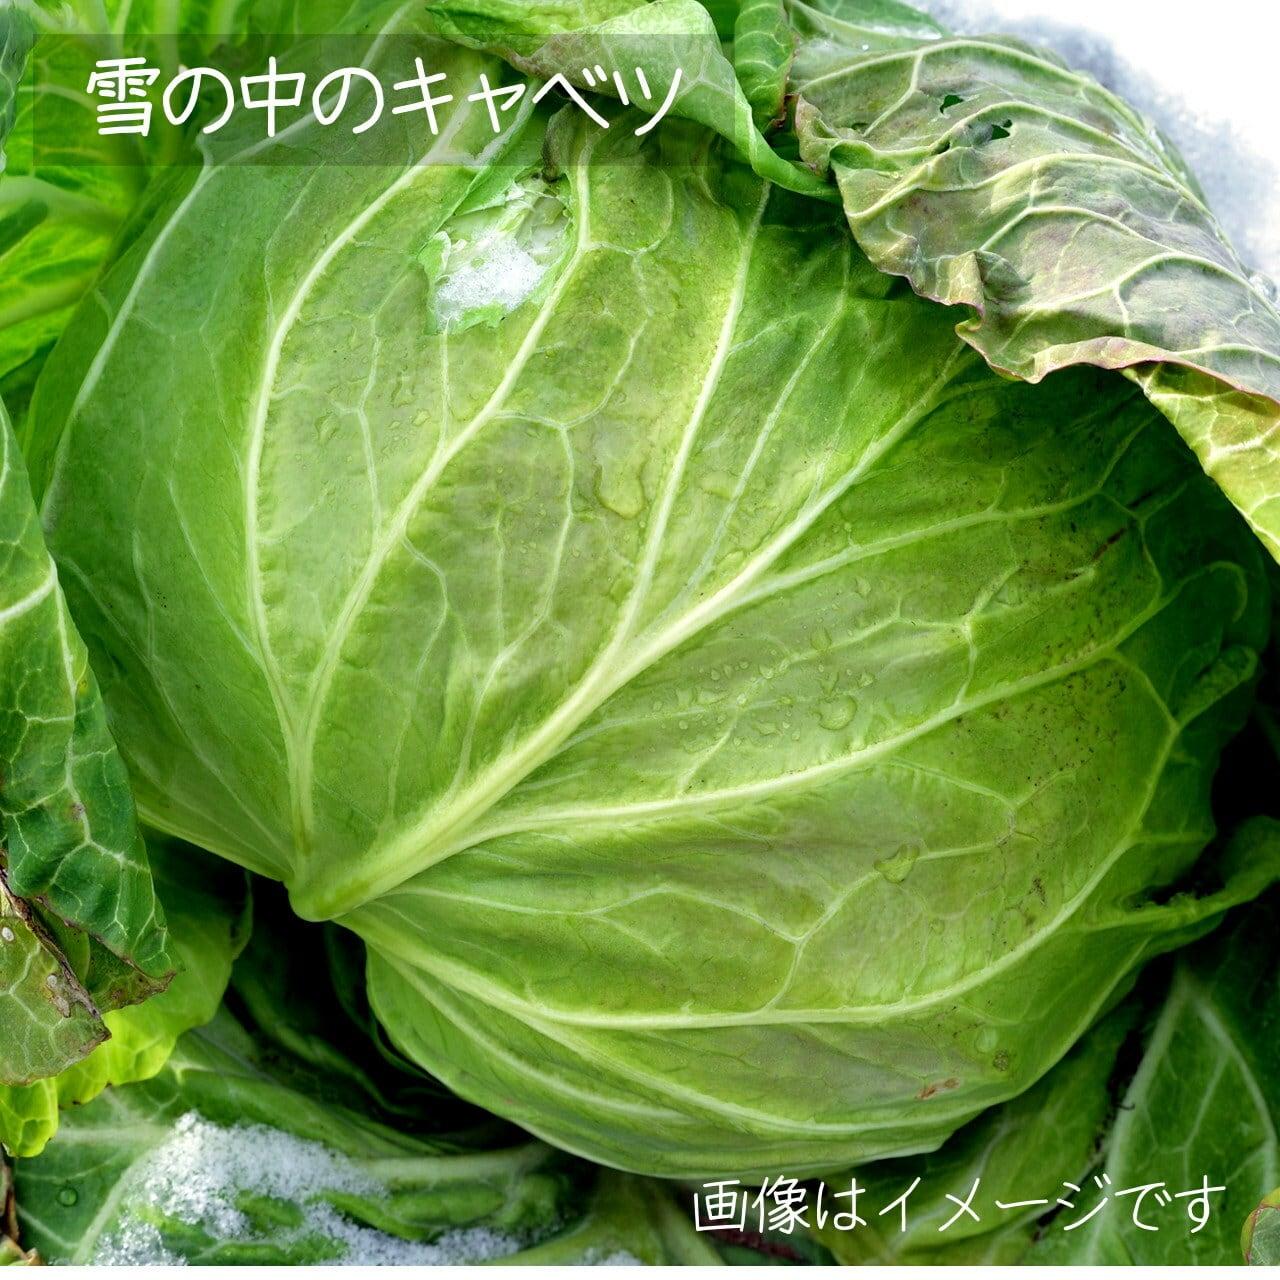 11月の朝採り直売野菜 : キャベツ 1個 新鮮な冬野菜 11月21日発送予定